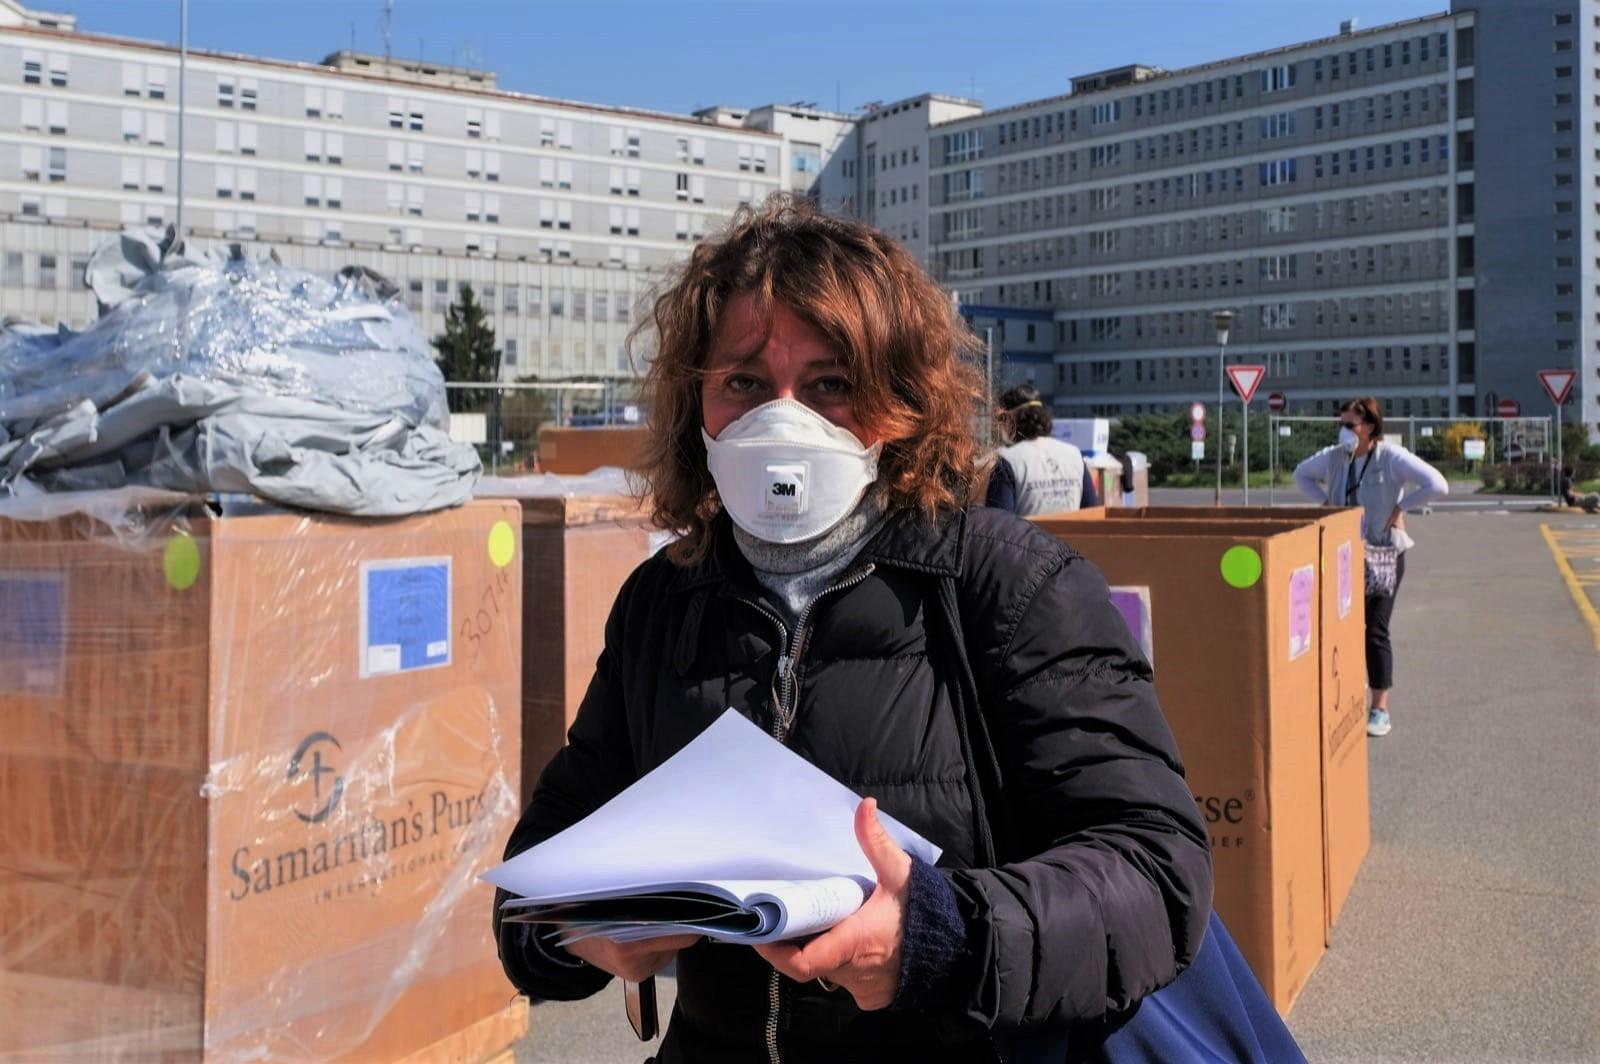 La cronaca ai tempi del coronavirus: una cronista impegnata in un servizio.